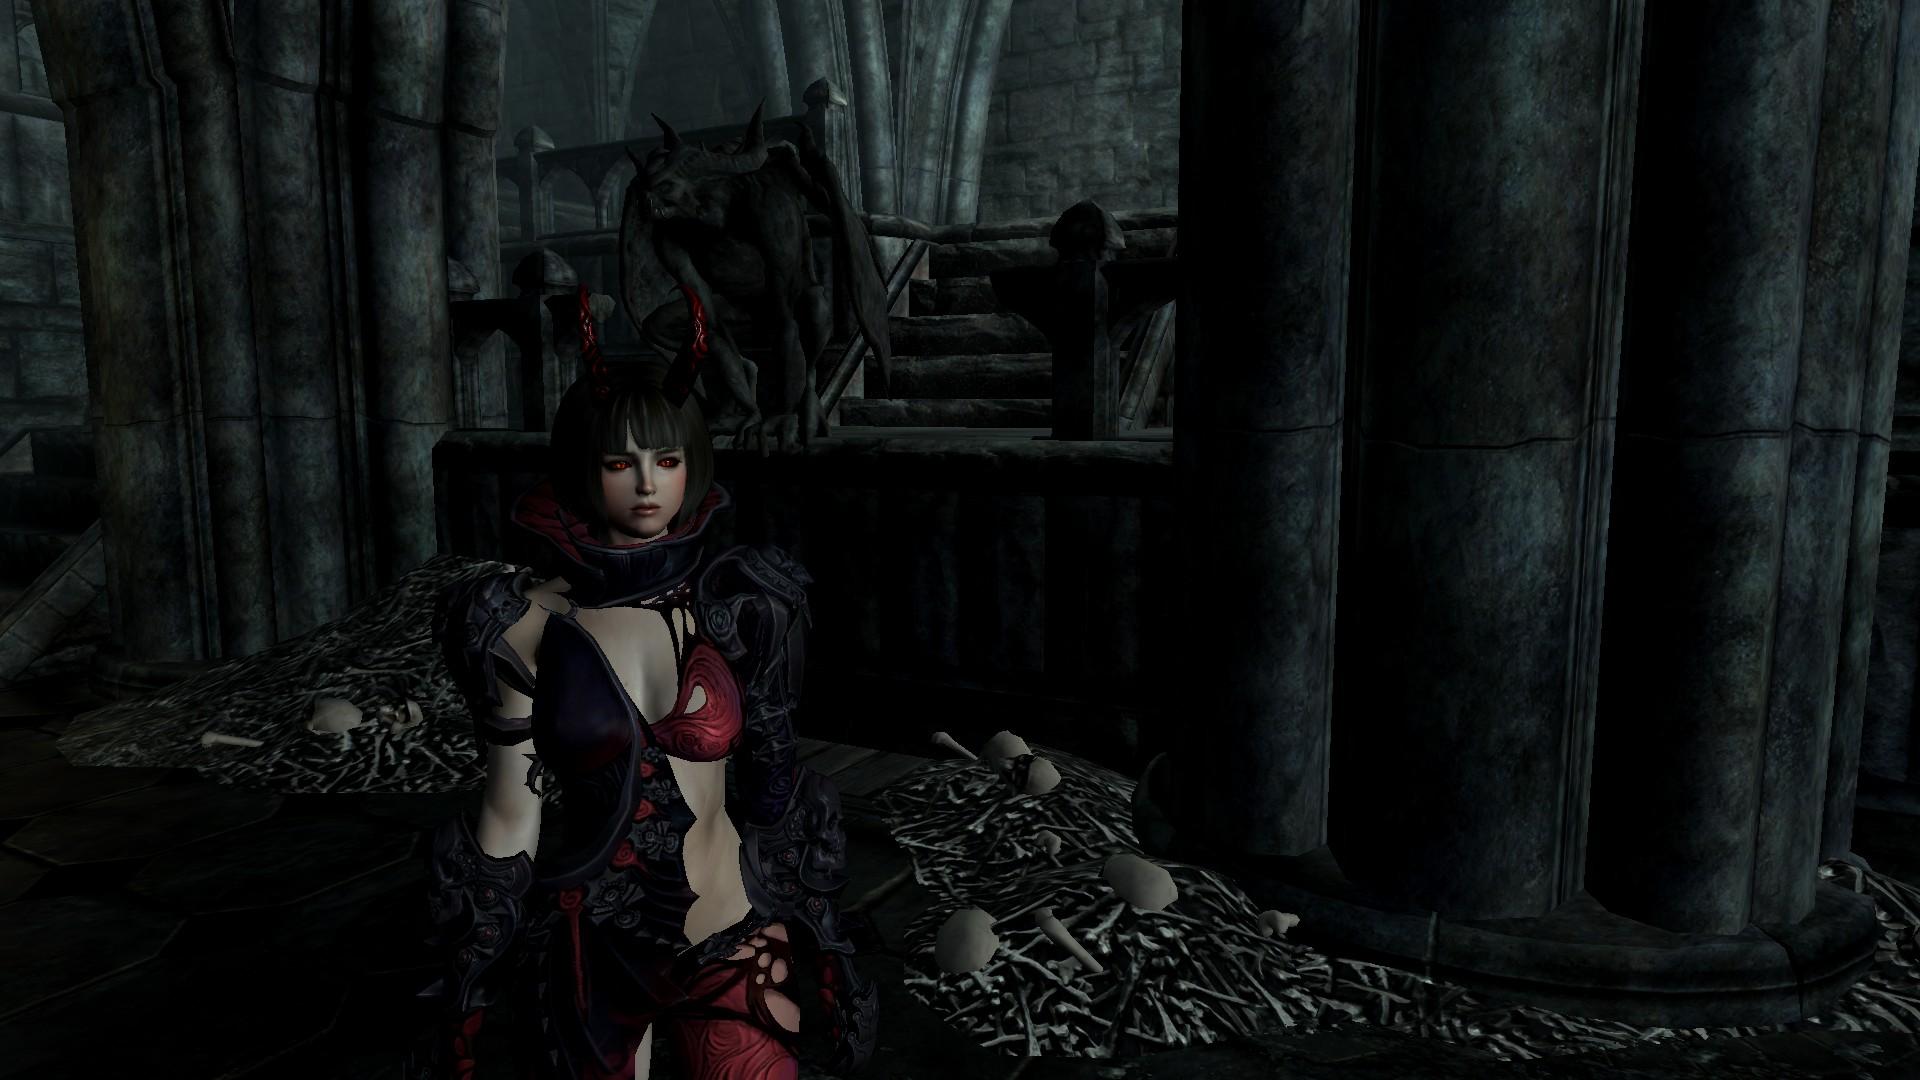 VampireLord おすすめMOD順 - Skyrim Mod データベース